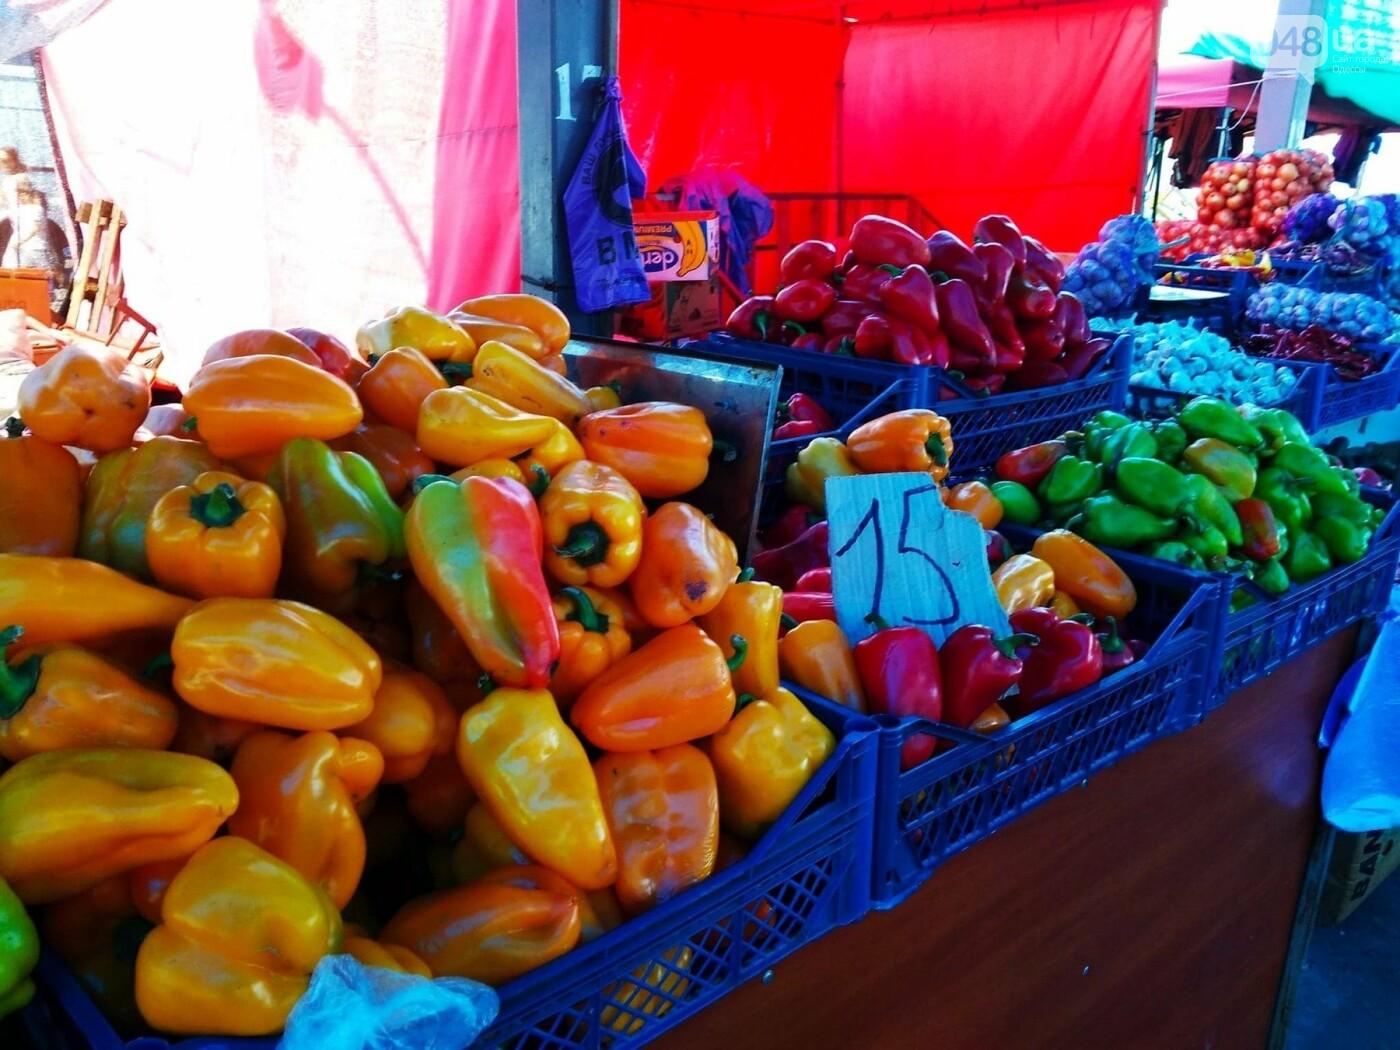 Ищем, где дешевле в Одессе: обзор цен на продукты на рынках Котовского, - ФОТО, ИНФОГРАФИКА, фото-15